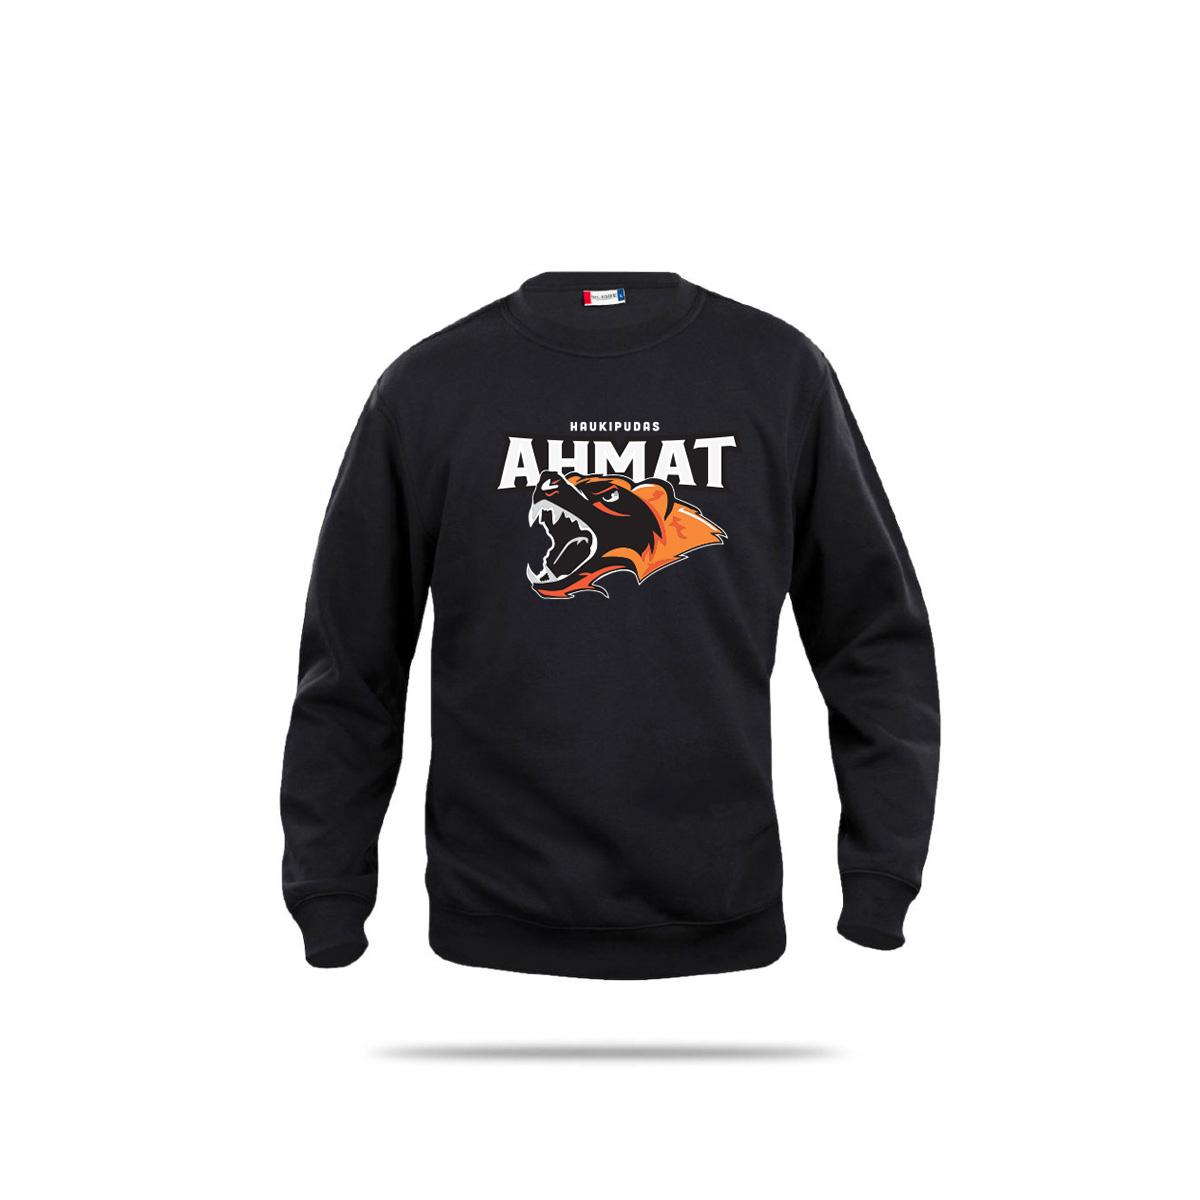 Ahmat-fani-3027-musta-original